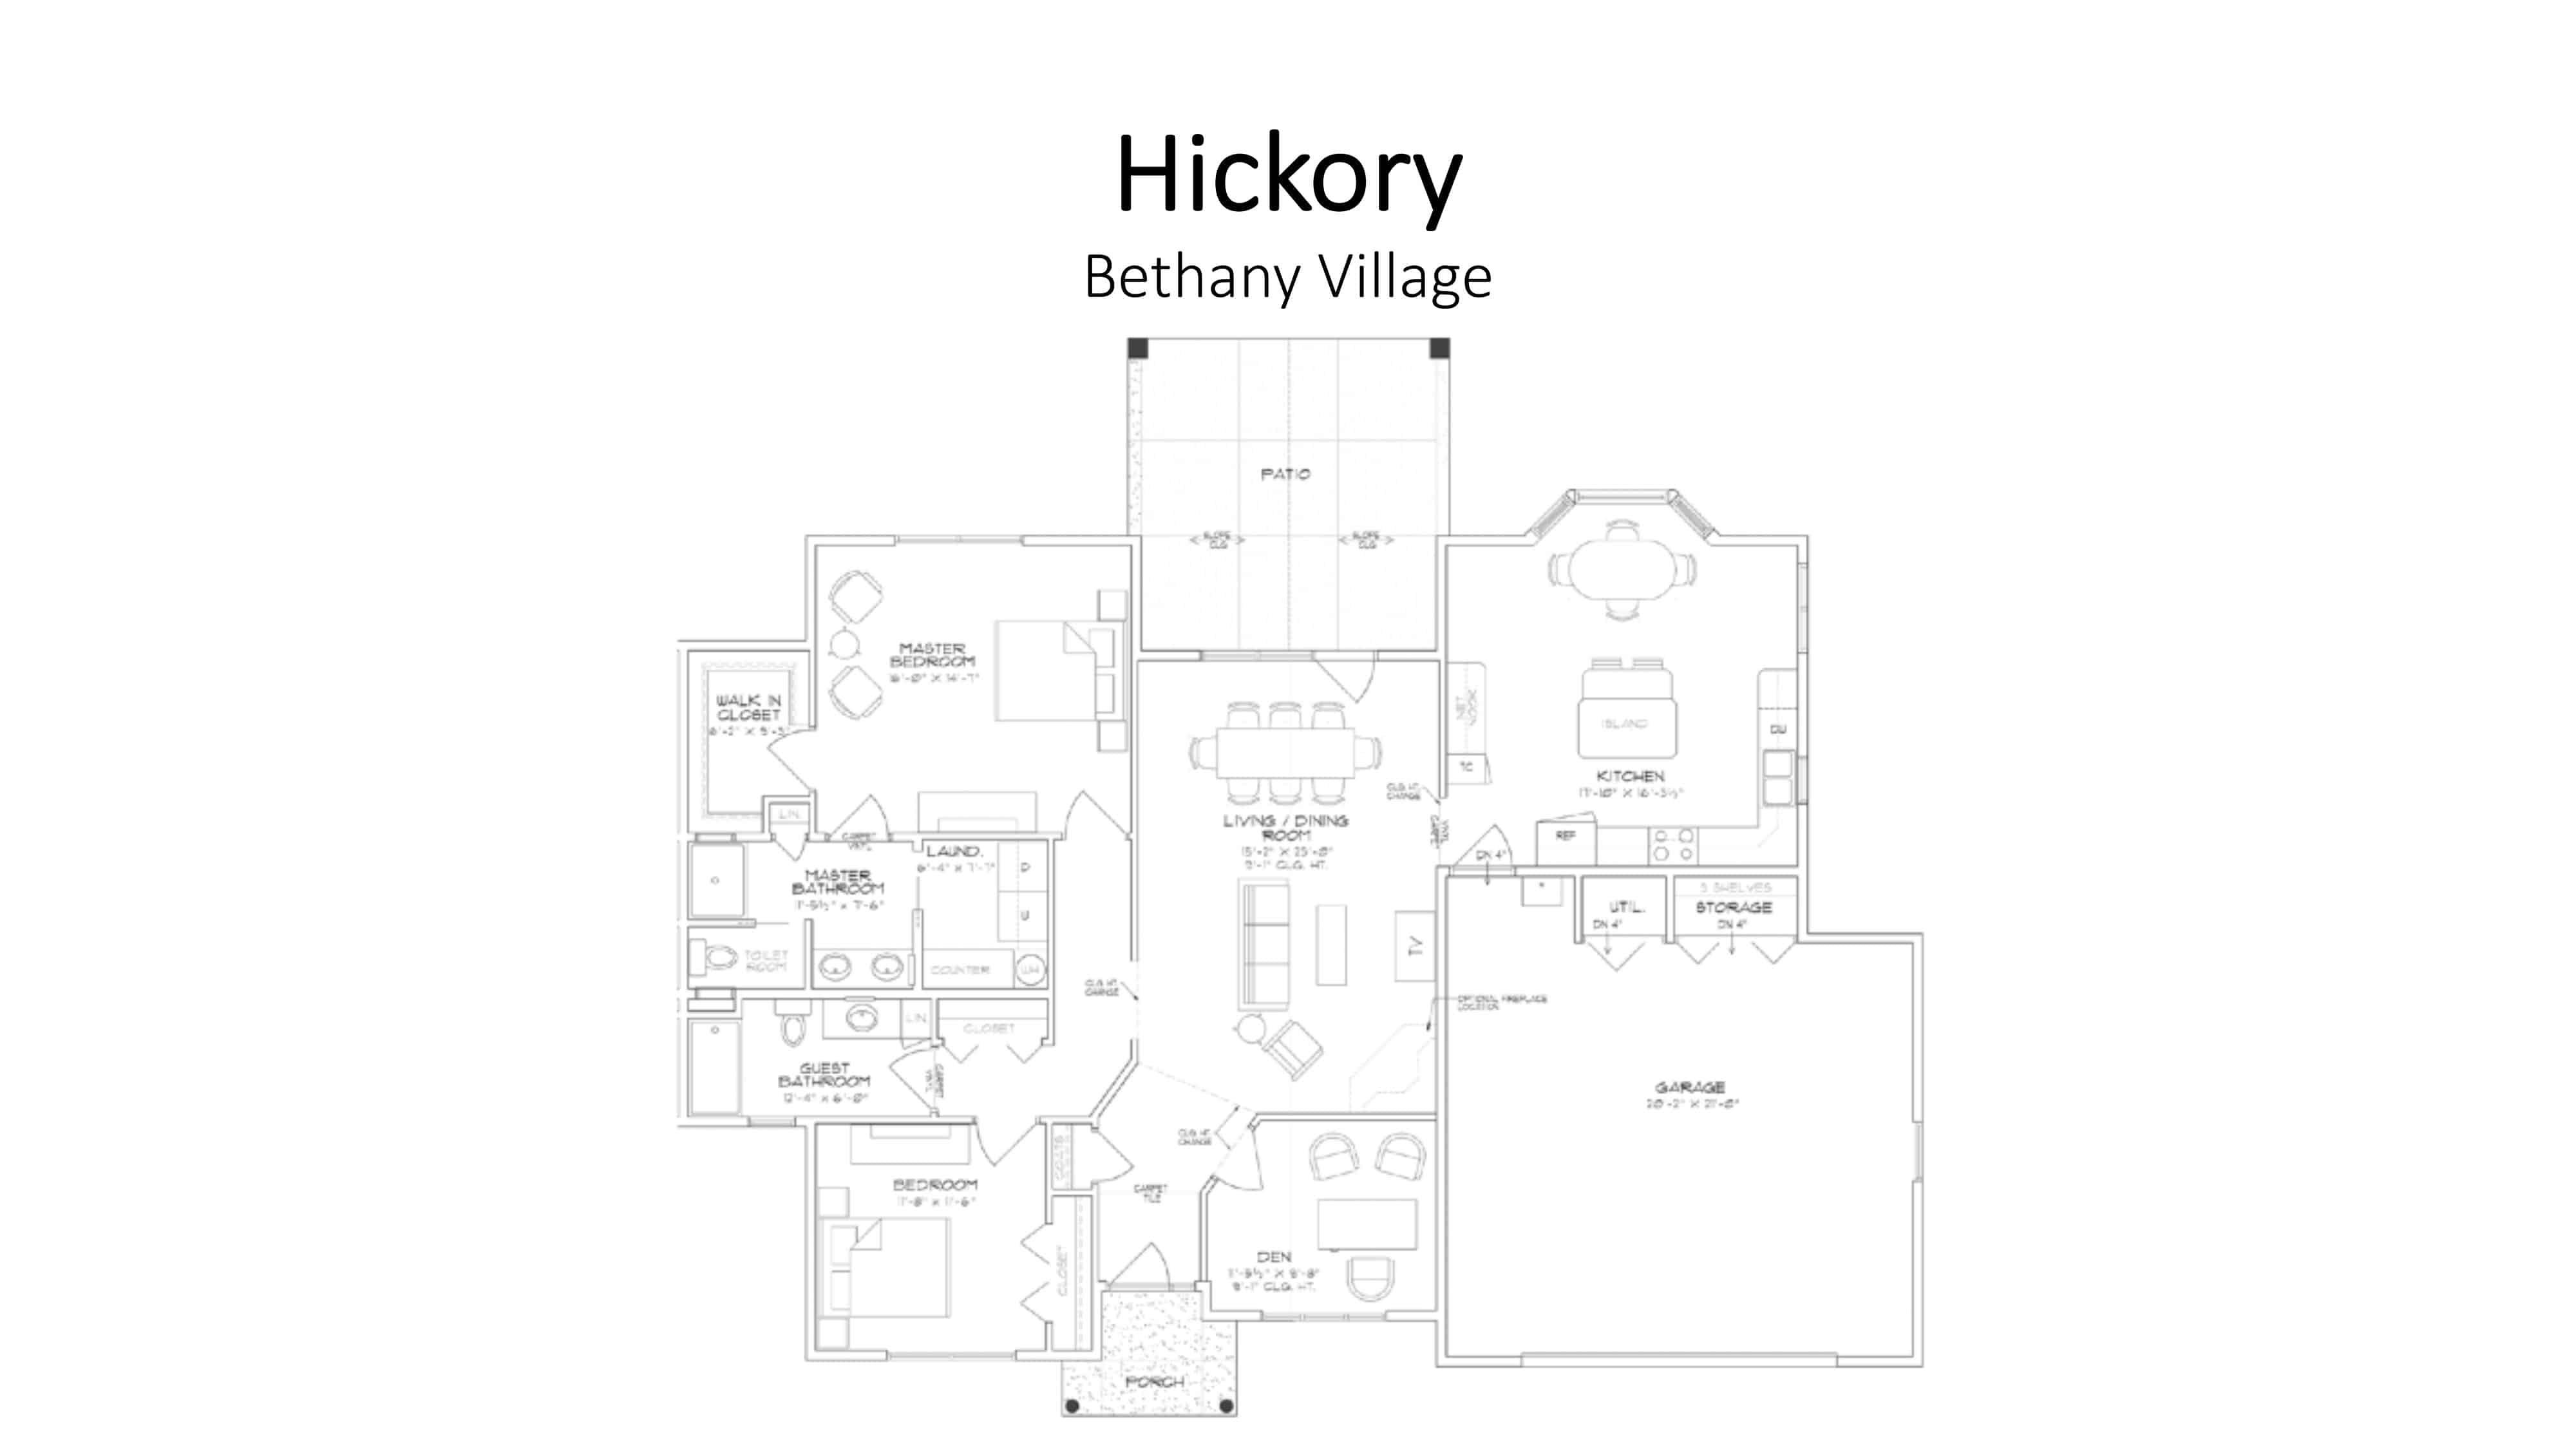 BV_Hickory